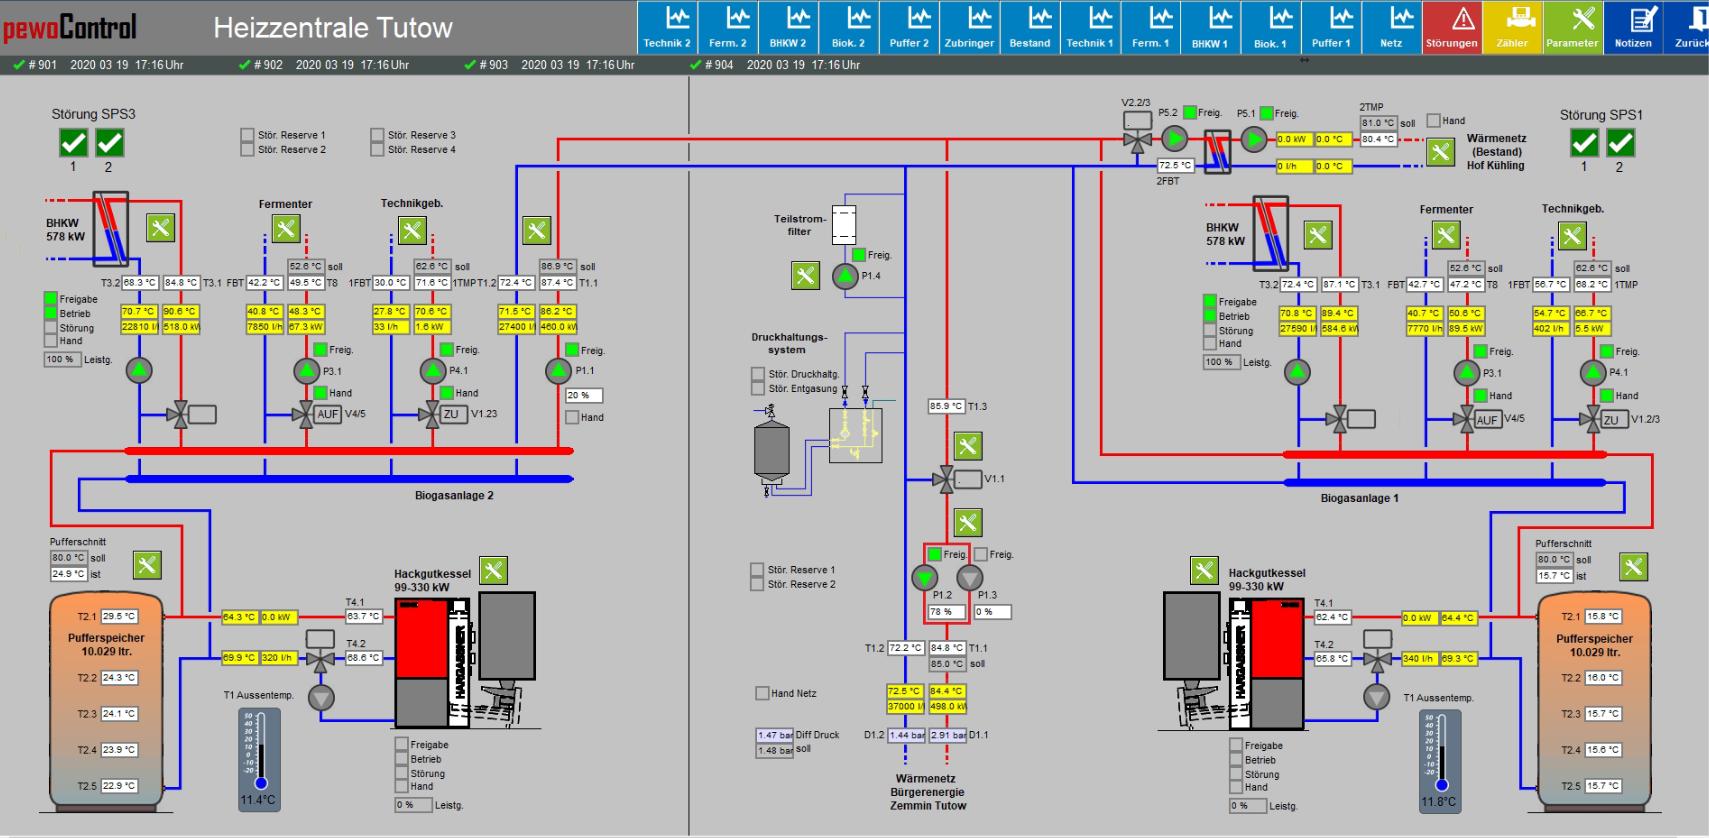 Blick auf die Visualisierung des Netzes - Alle Infos auf einem Blick